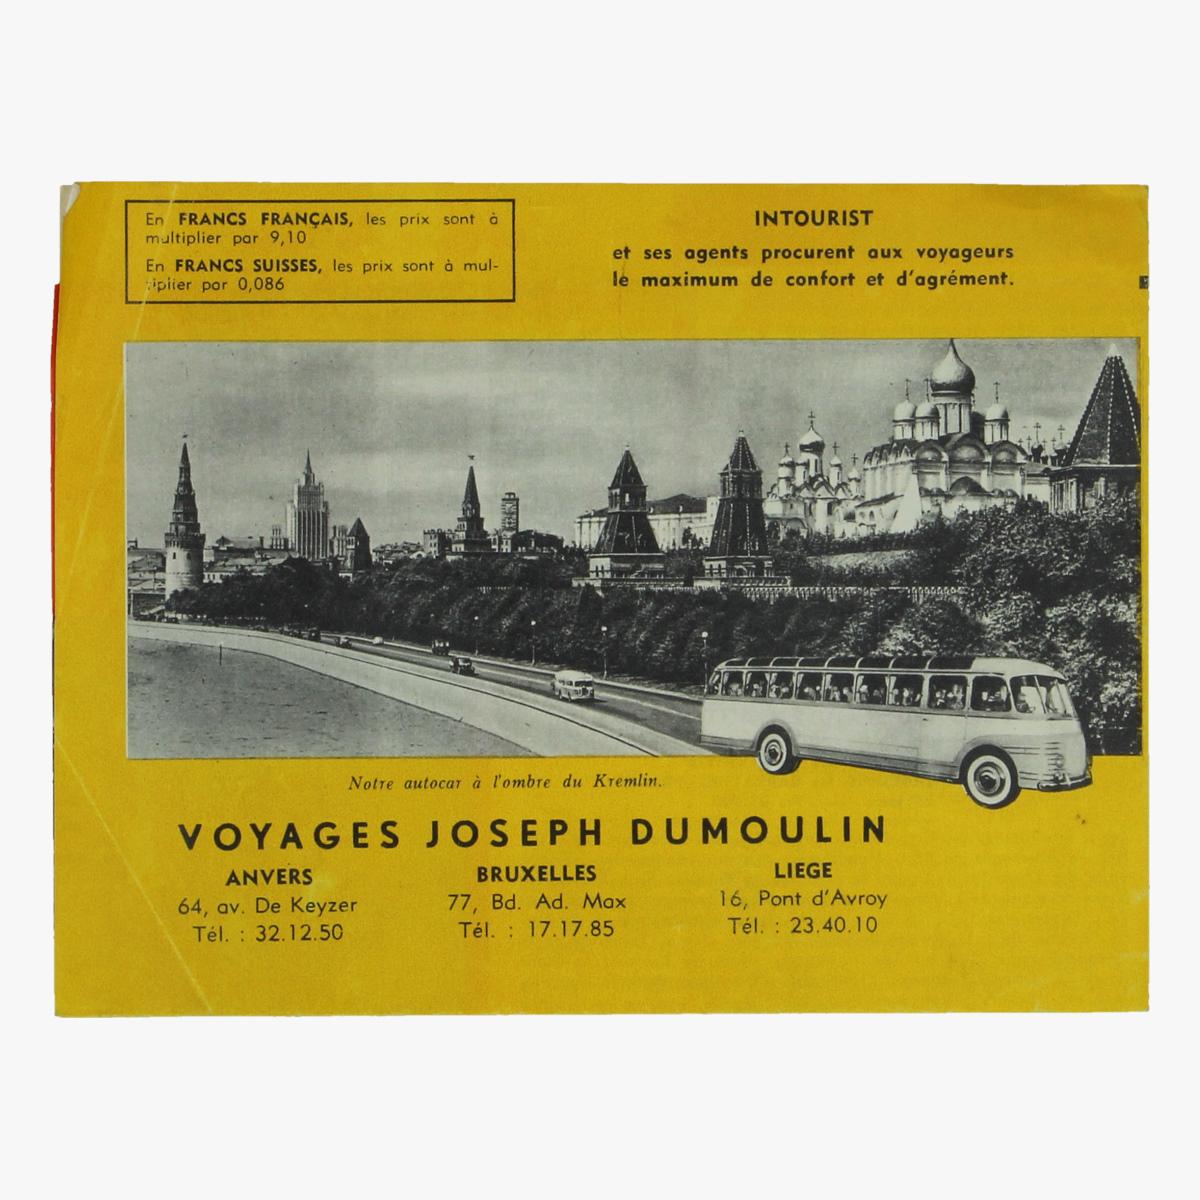 Afbeeldingen van expo 58 folder voyages en u.r.r.s.